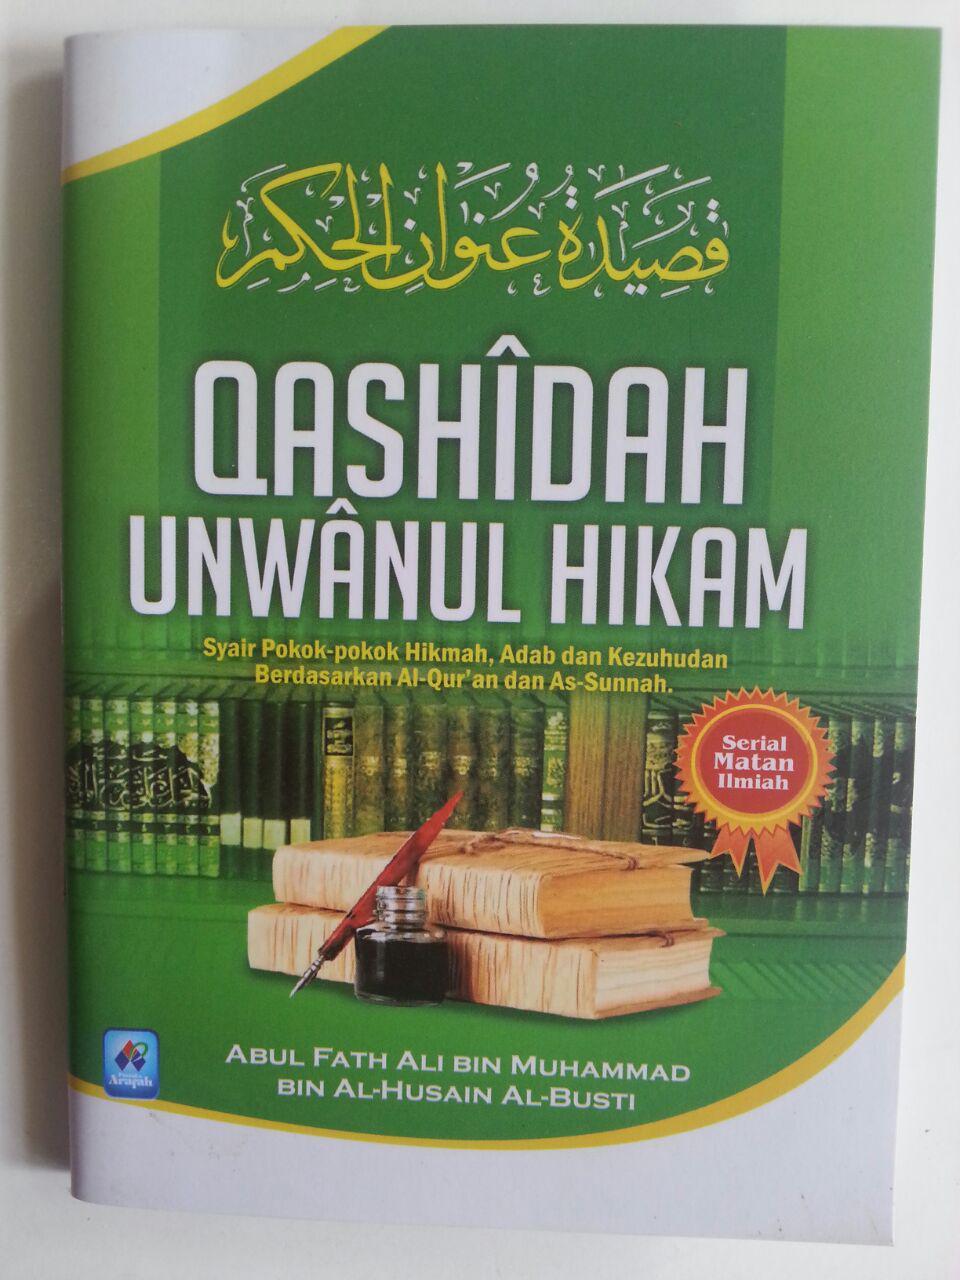 Buku Saku Qashidah Unwanul Hikam Syair Pokok Hikmah Adab cover 2